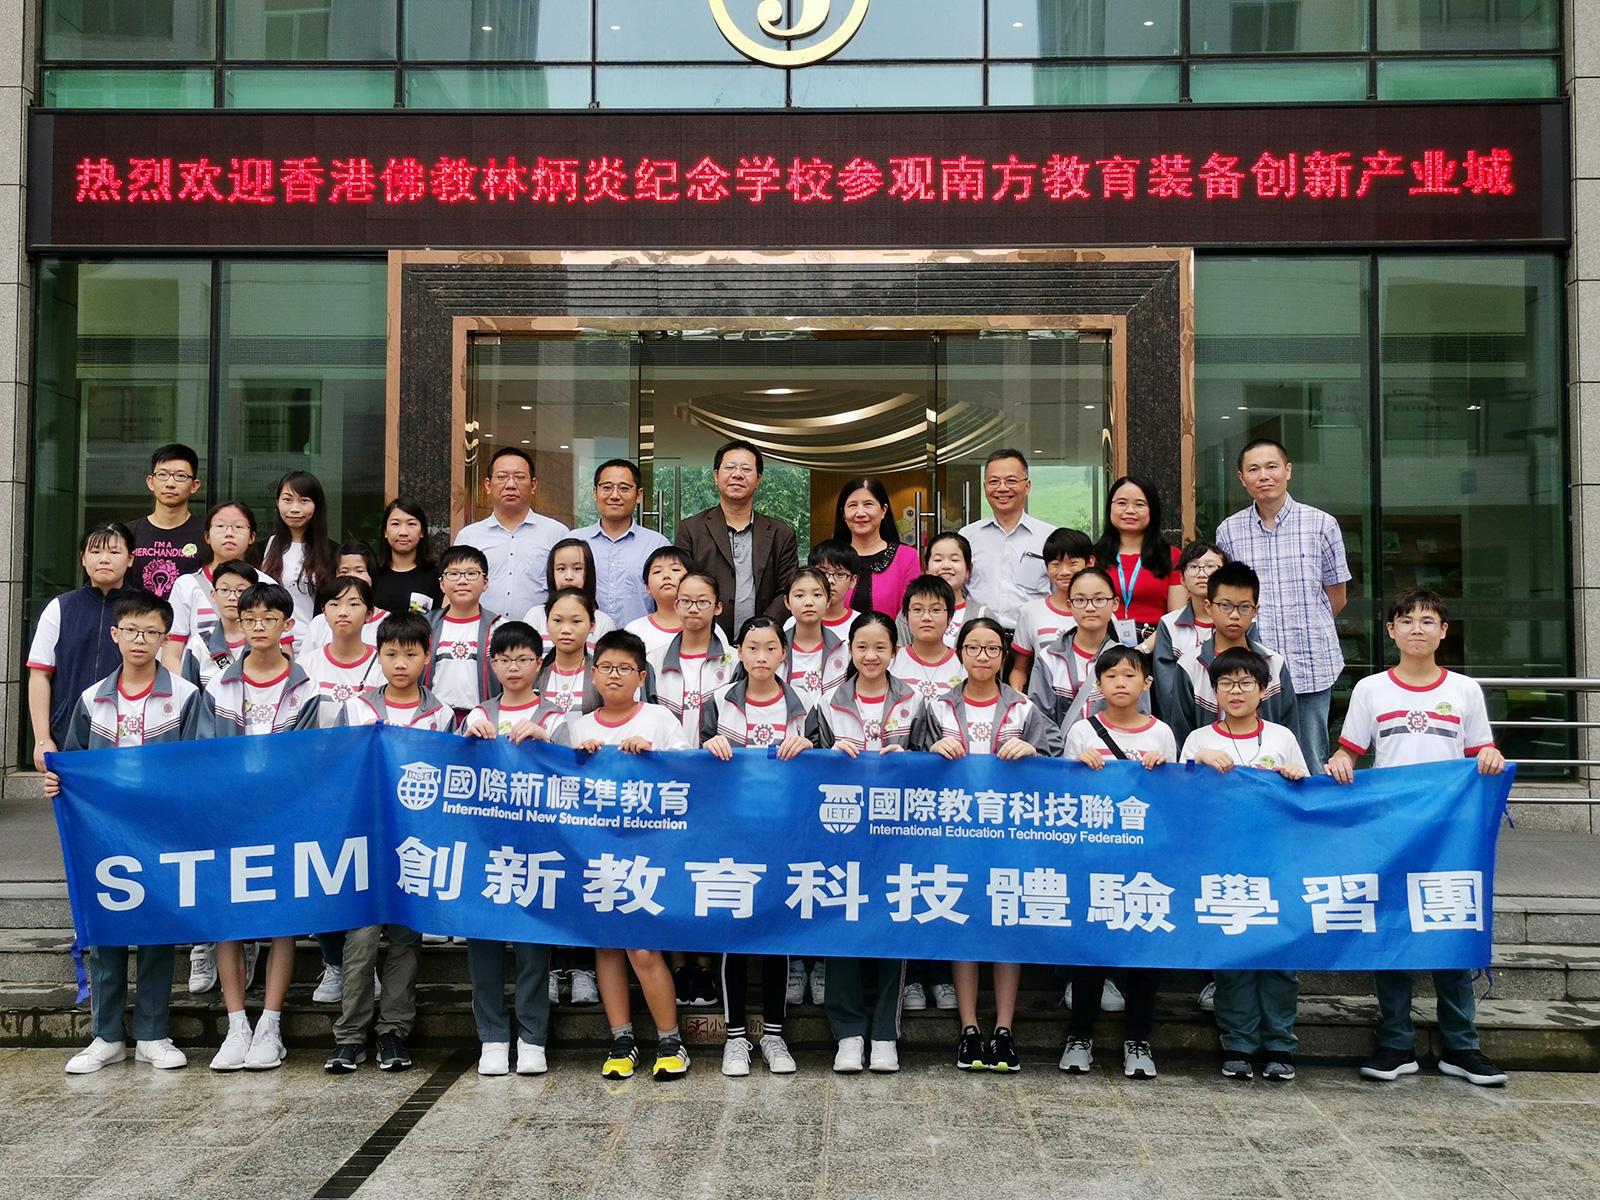 粵港澳大灣區STEM教育科技體驗學習團